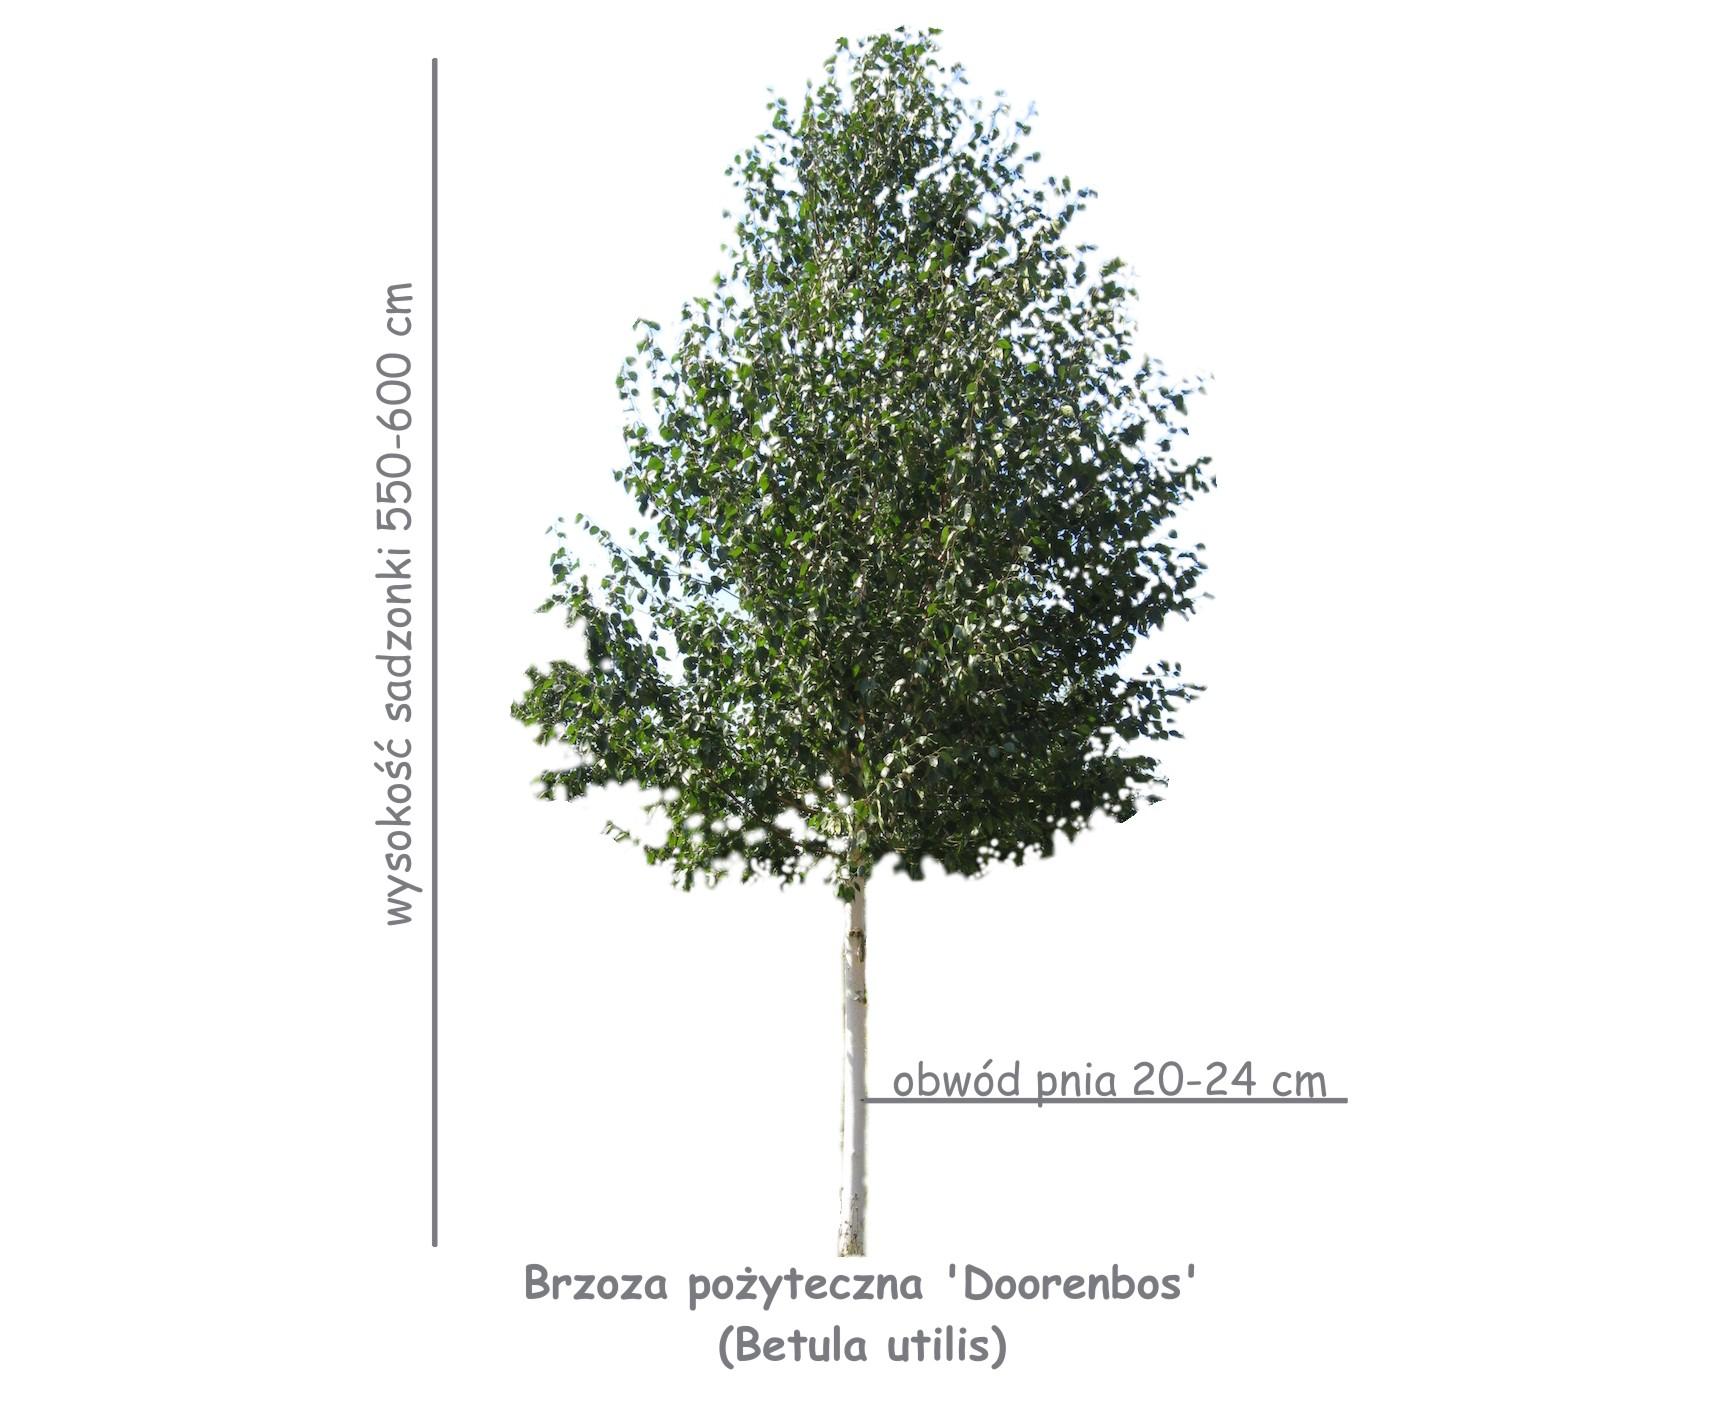 Brzoza pożyteczna 'Doorenbos' (Betula utilis) sadzonka o obwodzie 20-24 cm